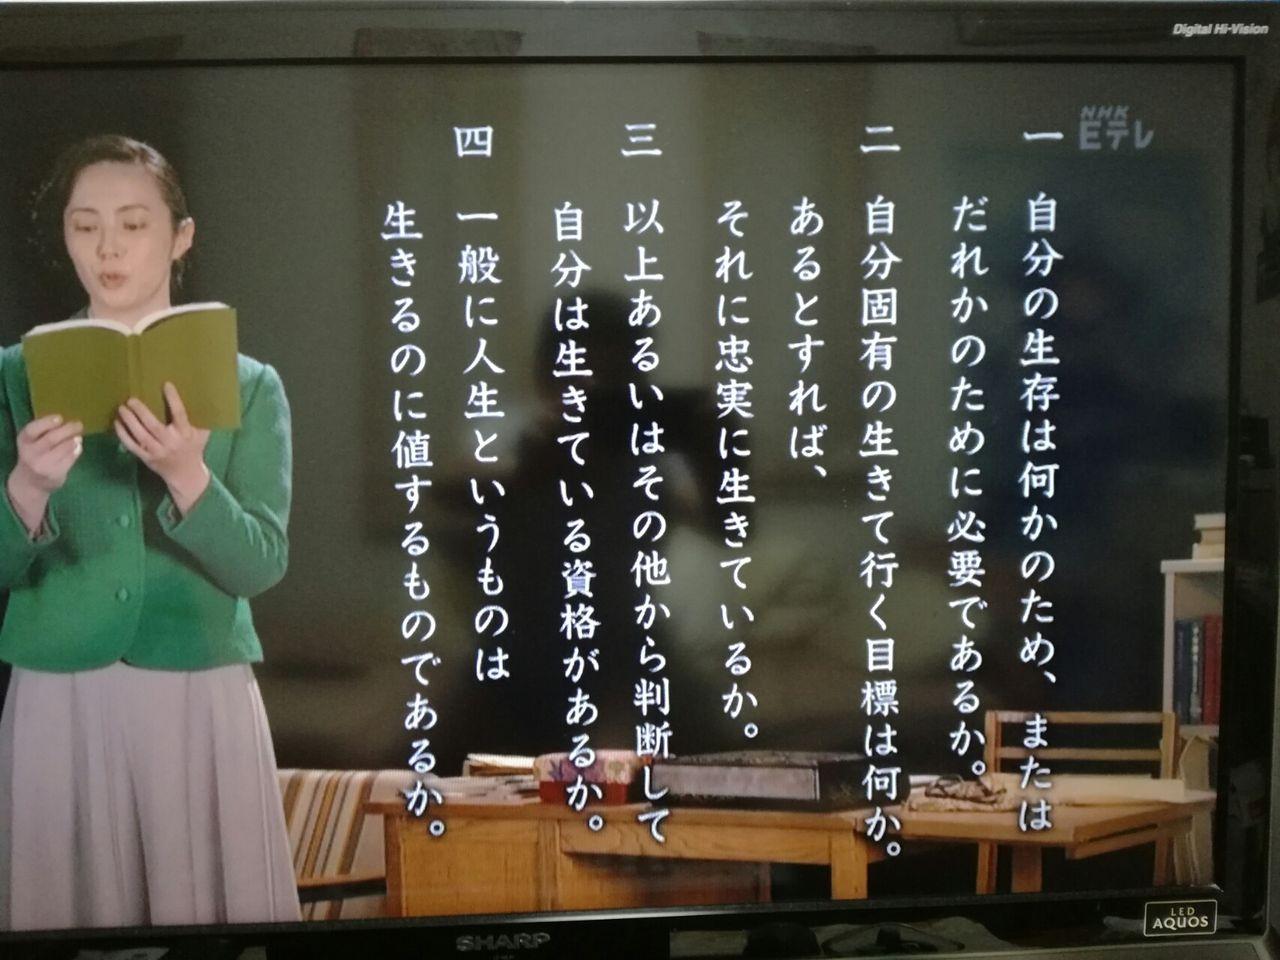 について 生きがい 神谷 美恵子